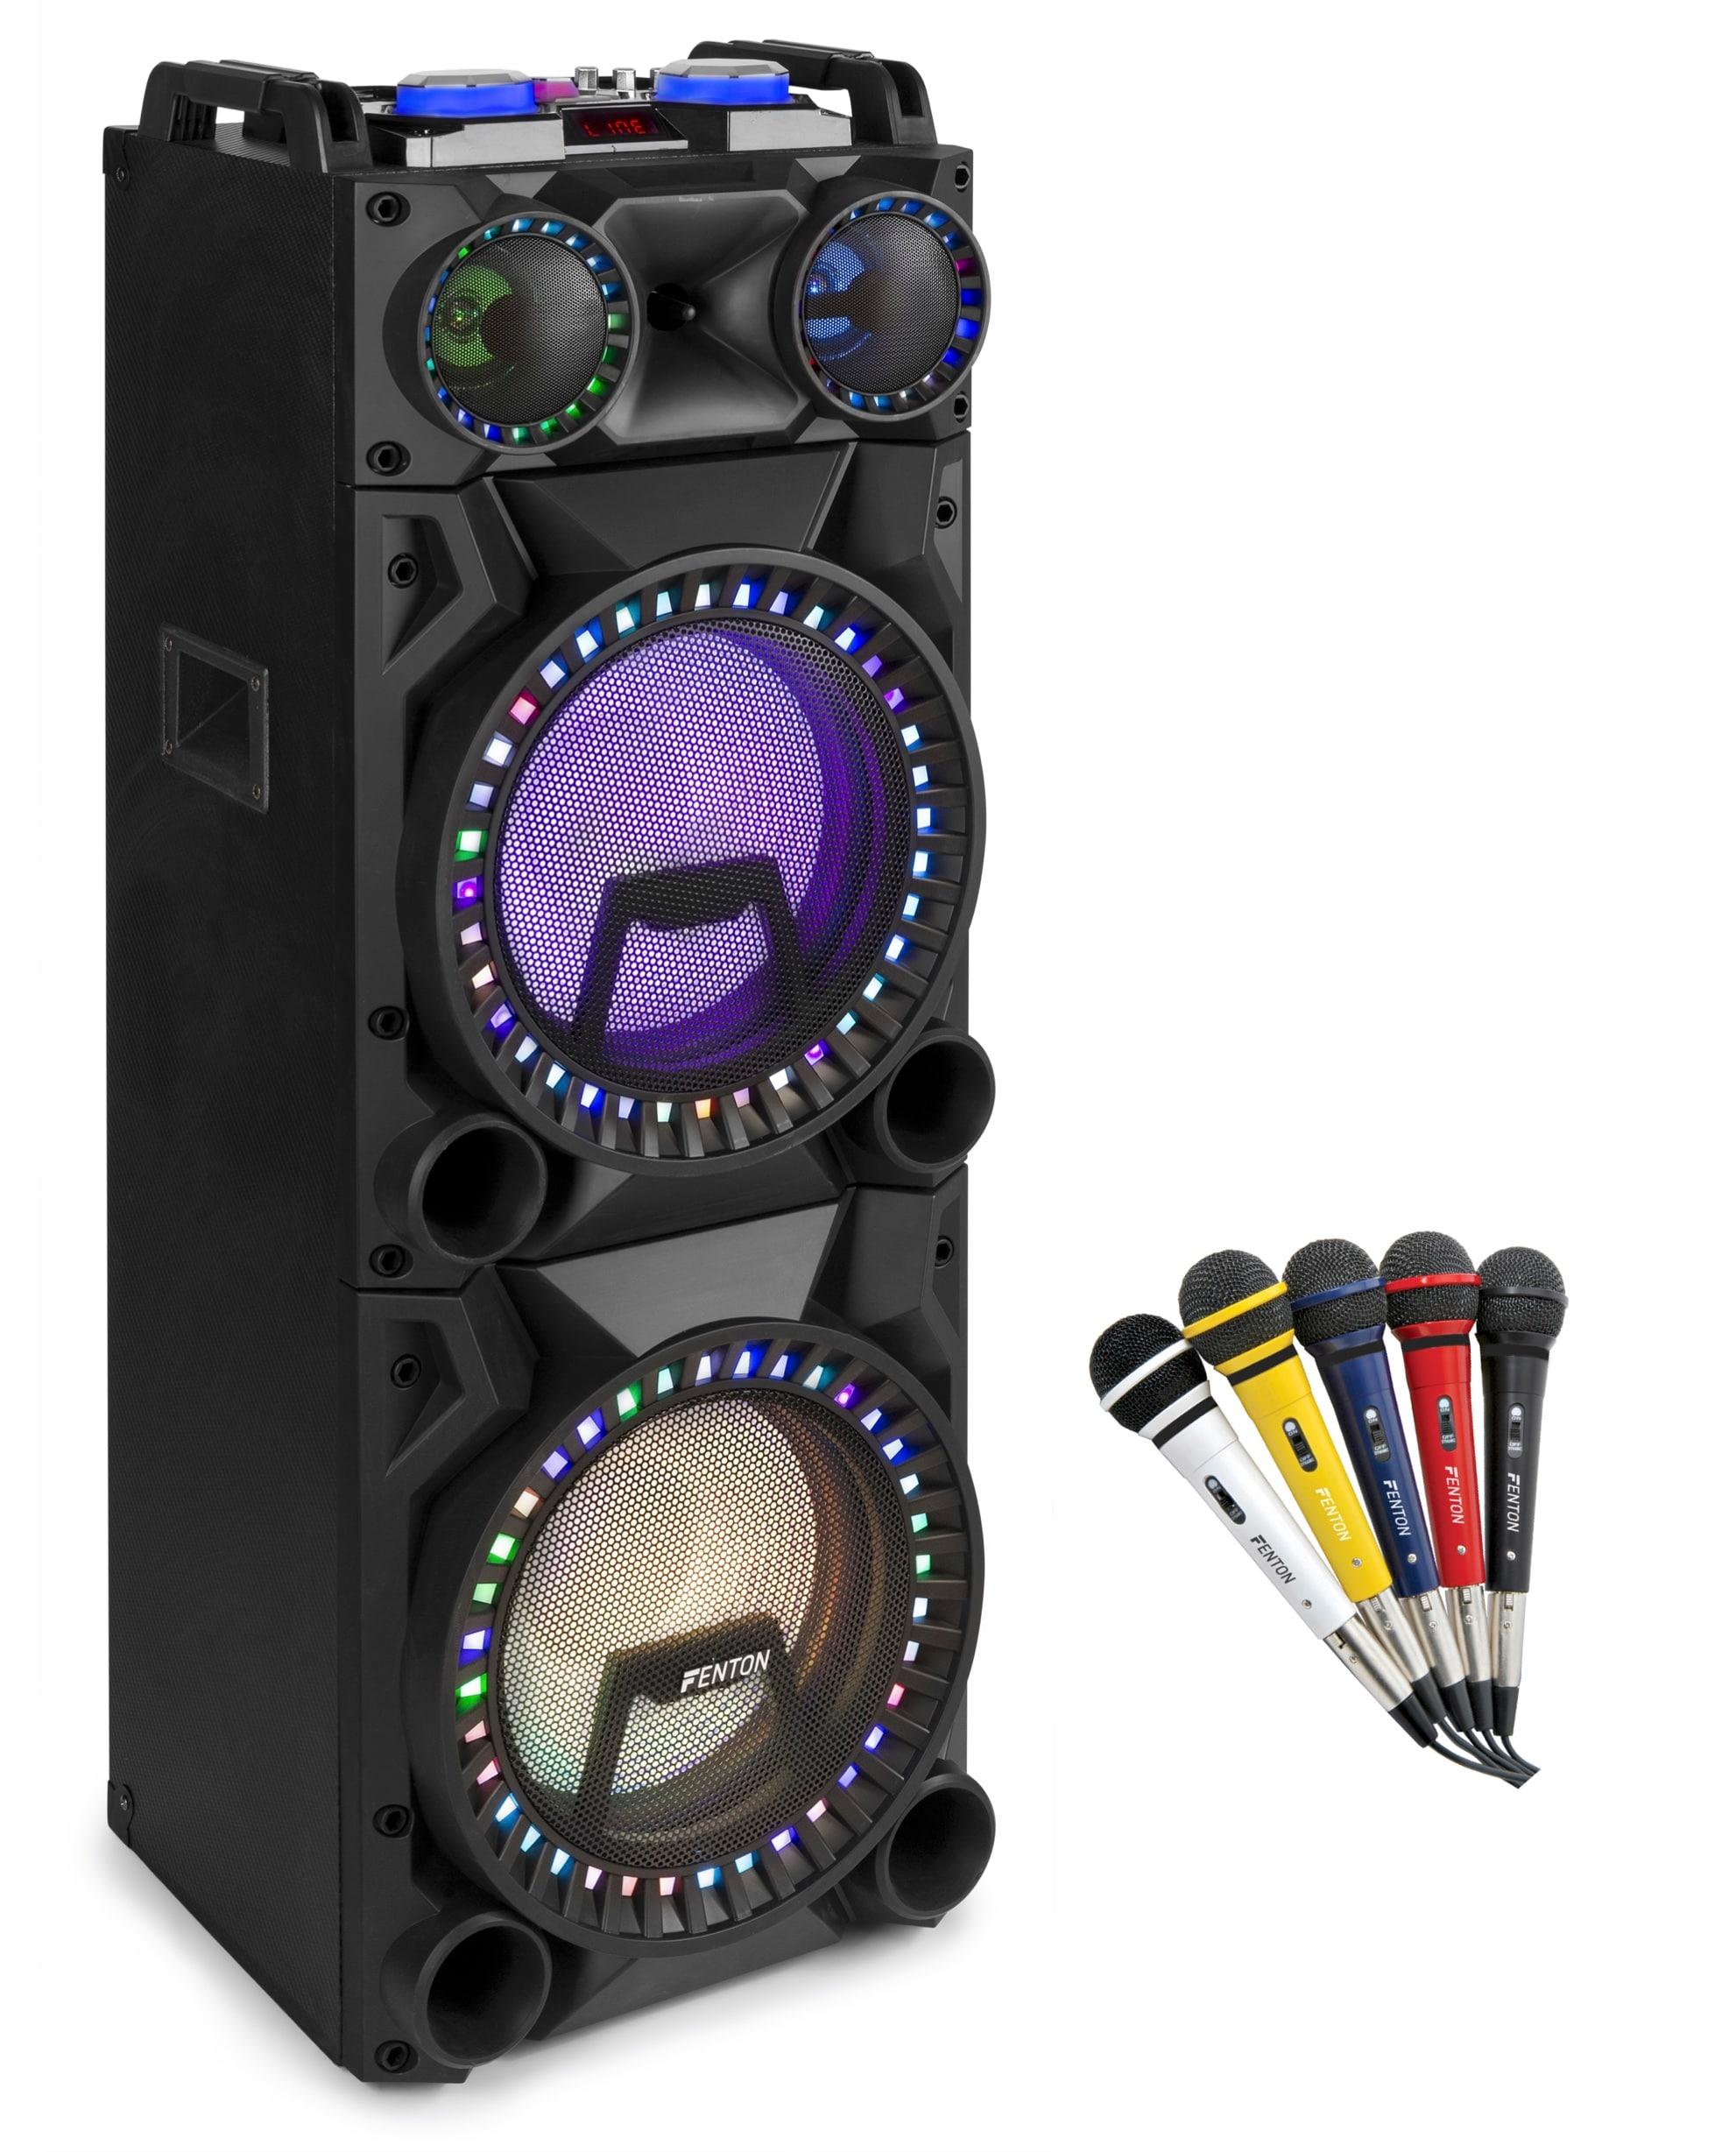 Karaoke paket med 5st mikrofoner och högtalare Fenton VS212 Act Speaker 2x12' BT, USB,LED